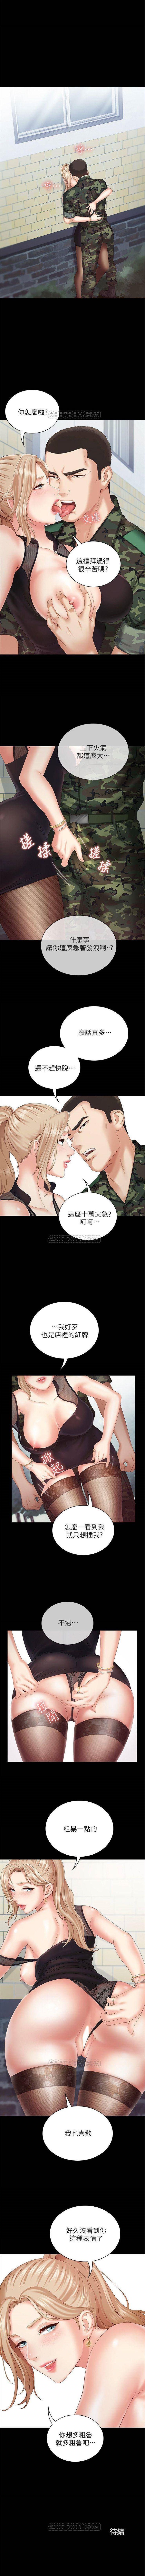 (週6)妹妹的義務 1-19 中文翻譯(更新中) 70